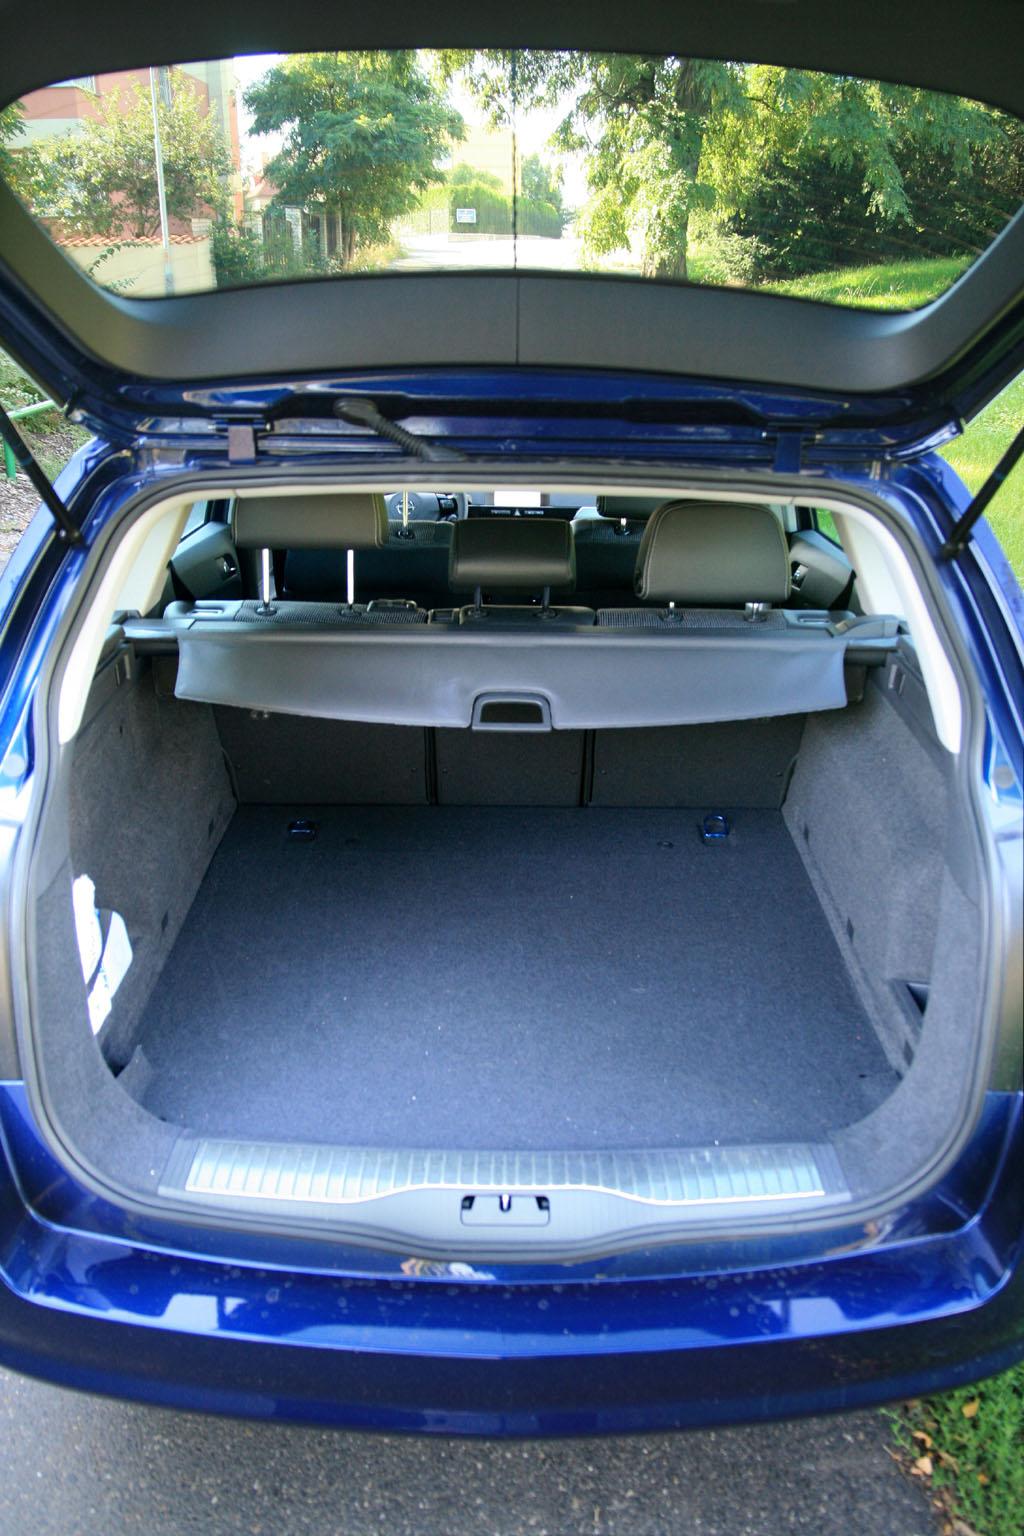 Automobily Opel Astra Caravan 1.9 CDTI Cosmo